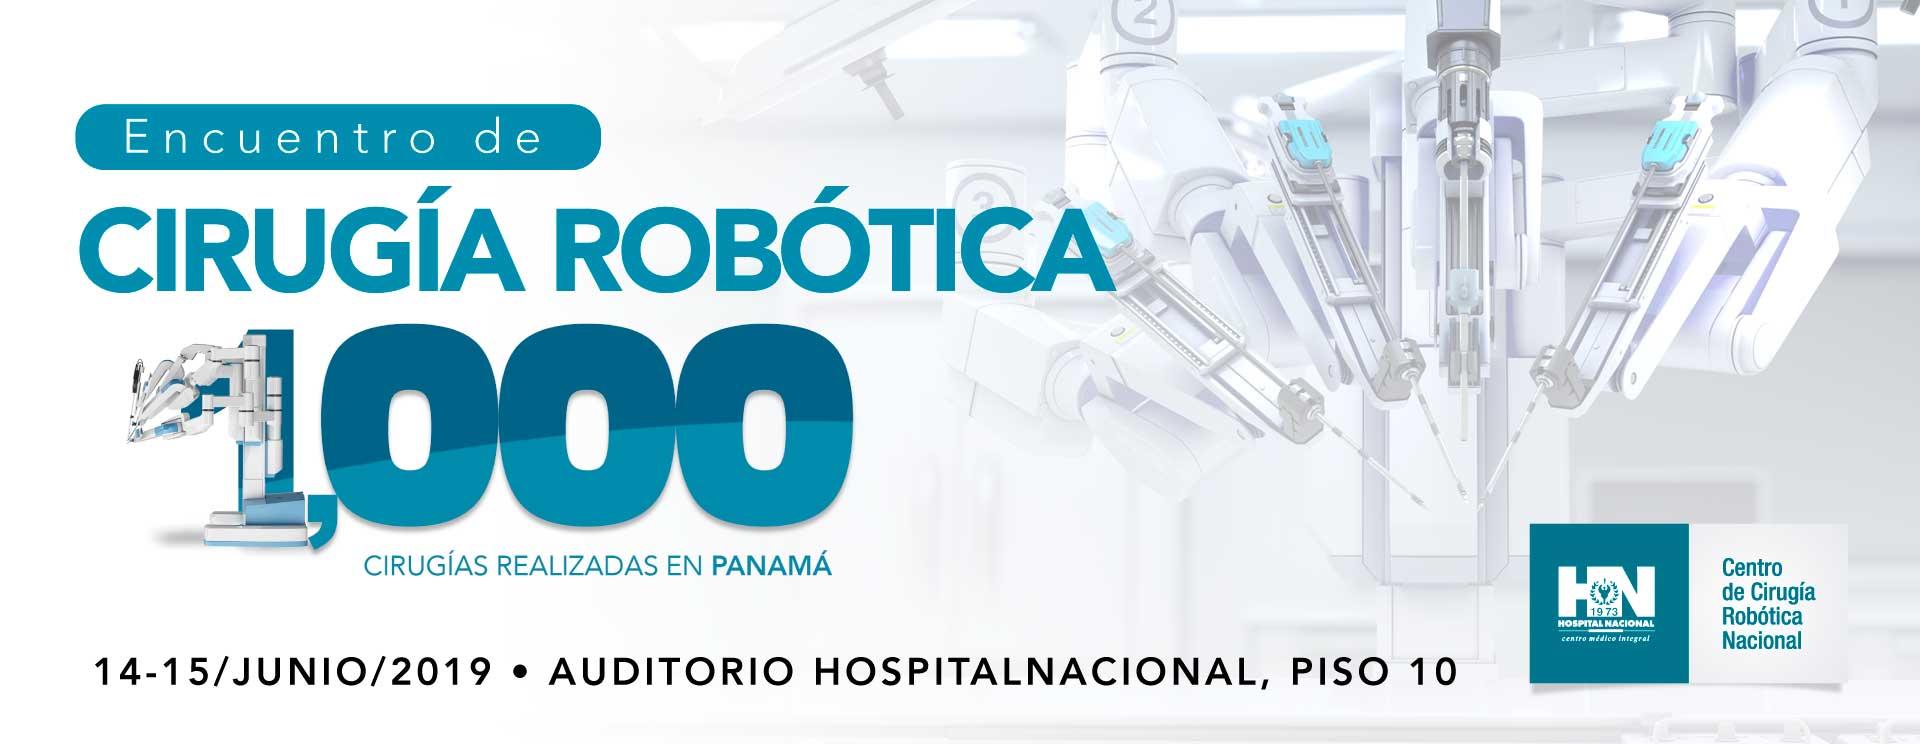 encuentro-cirugia-robotica